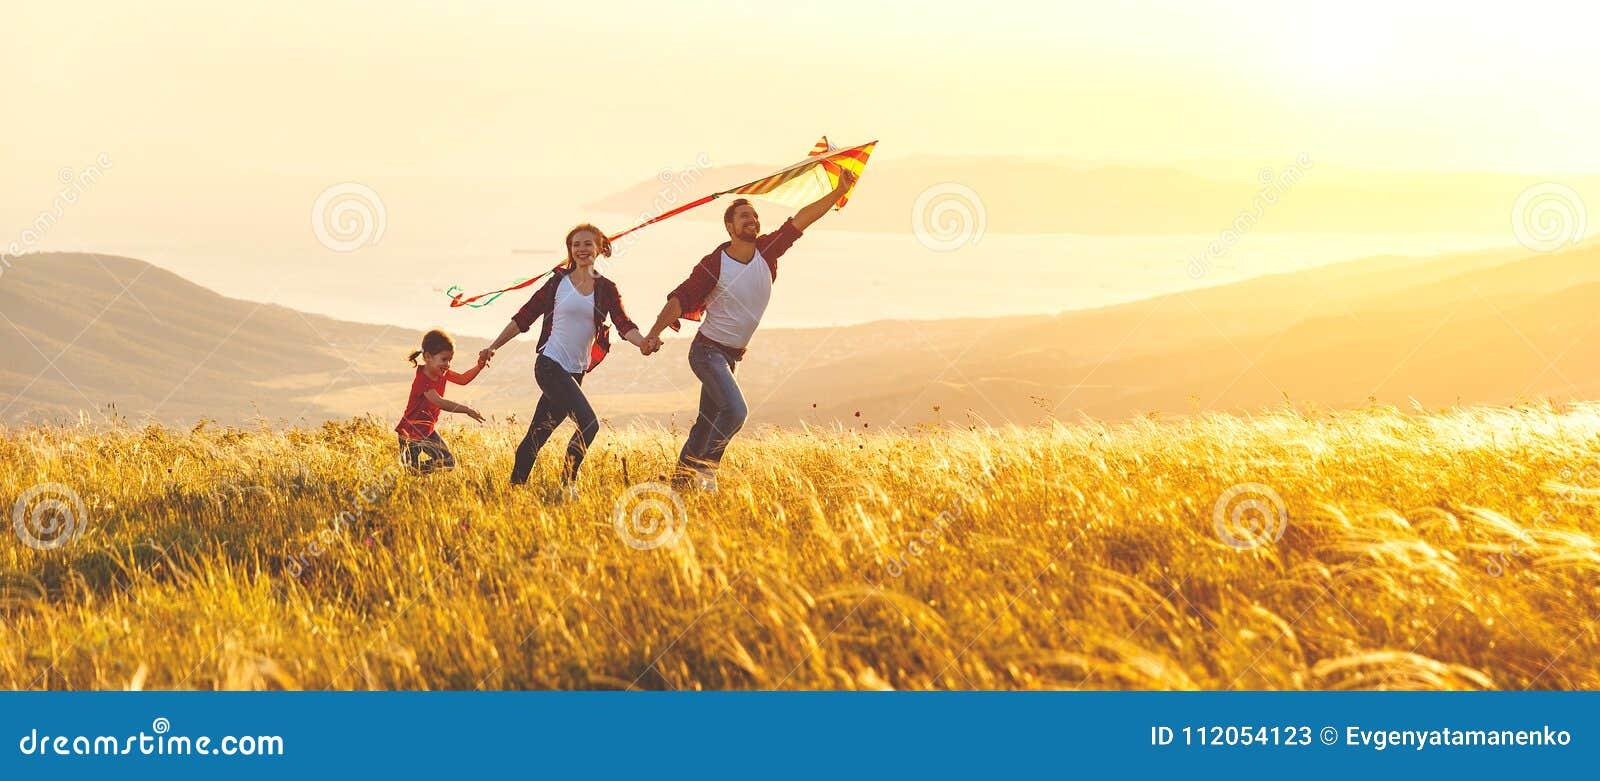 Счастливые отец семьи, мать и дочь ребенка запускают змея дальше